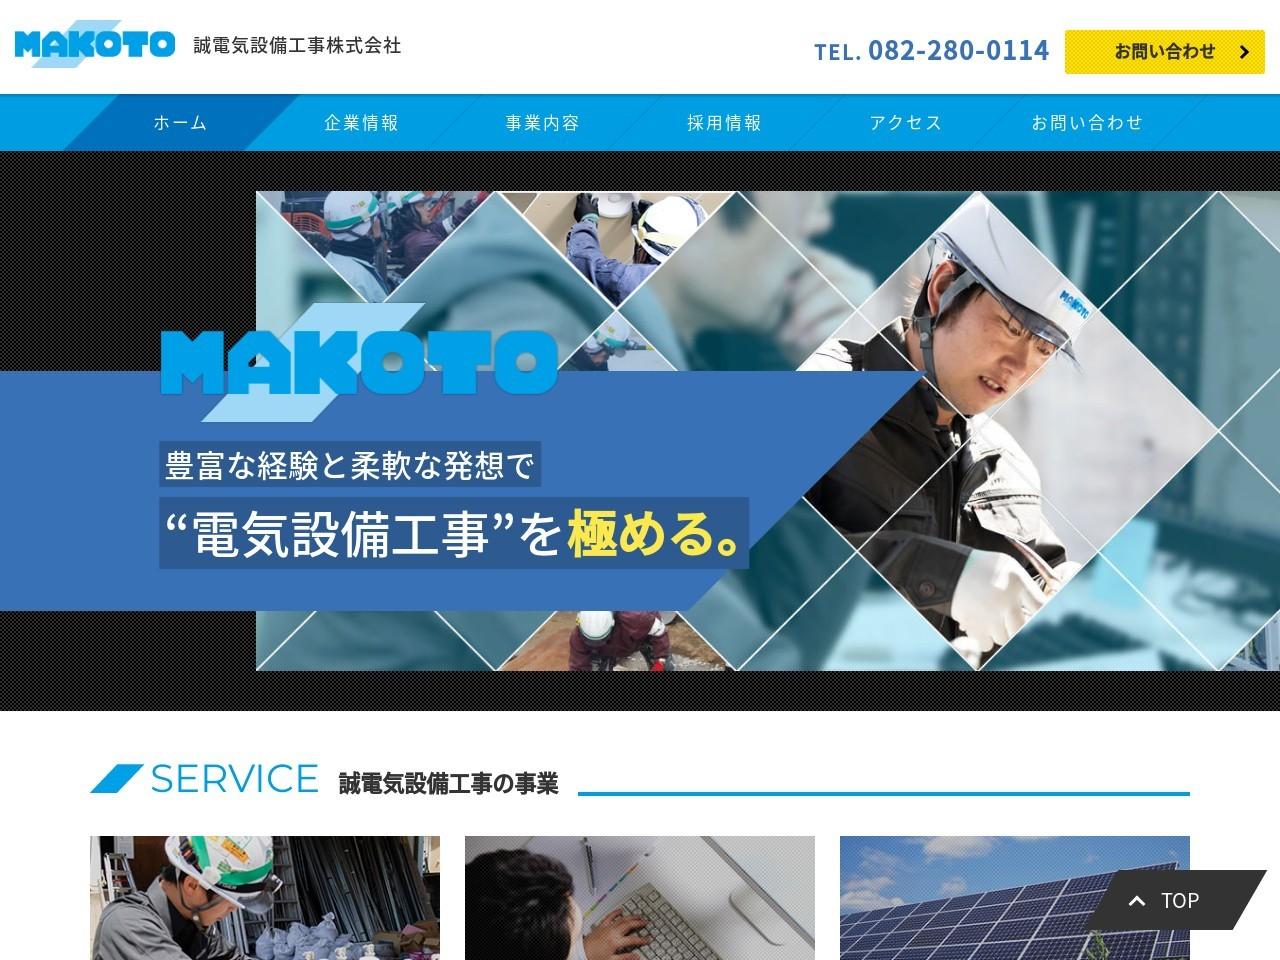 誠電気設備工事株式会社